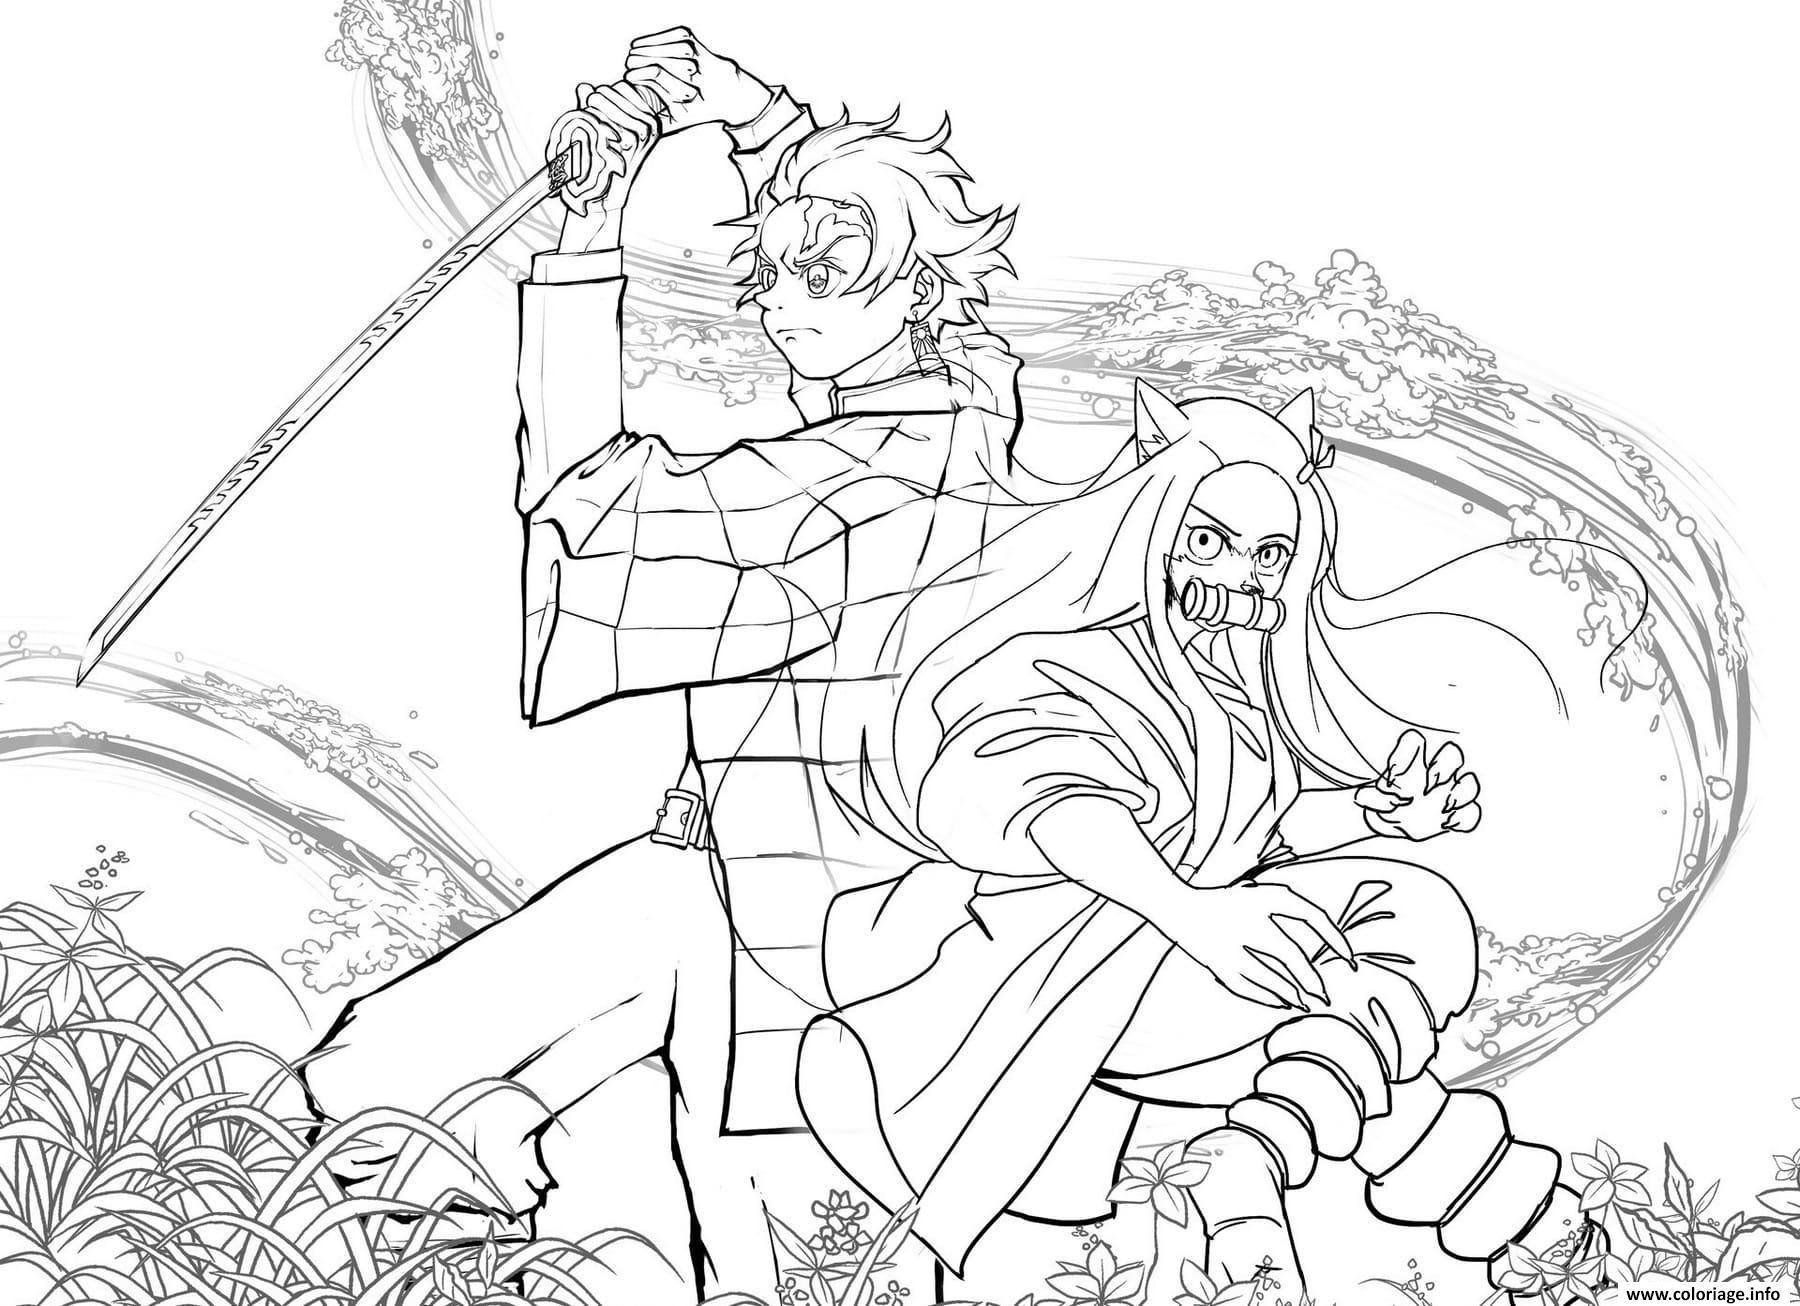 Dessin Tanjiro and Nezuko in battle demon slayer Coloriage Gratuit à Imprimer